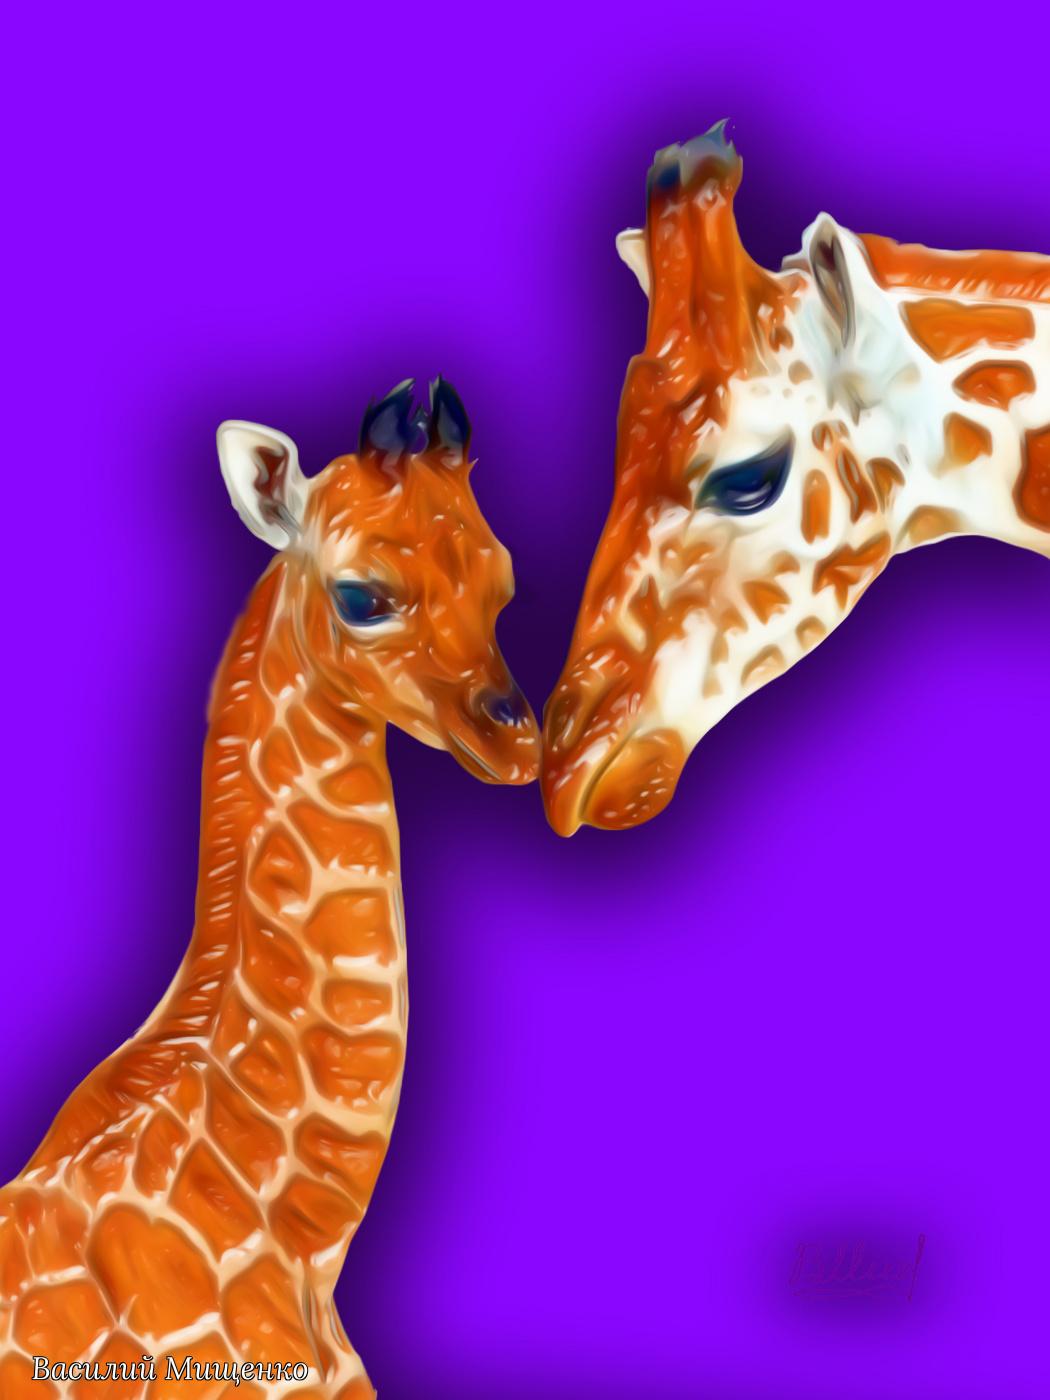 Vasiliy Mishchenko. Giraffe mom and baby